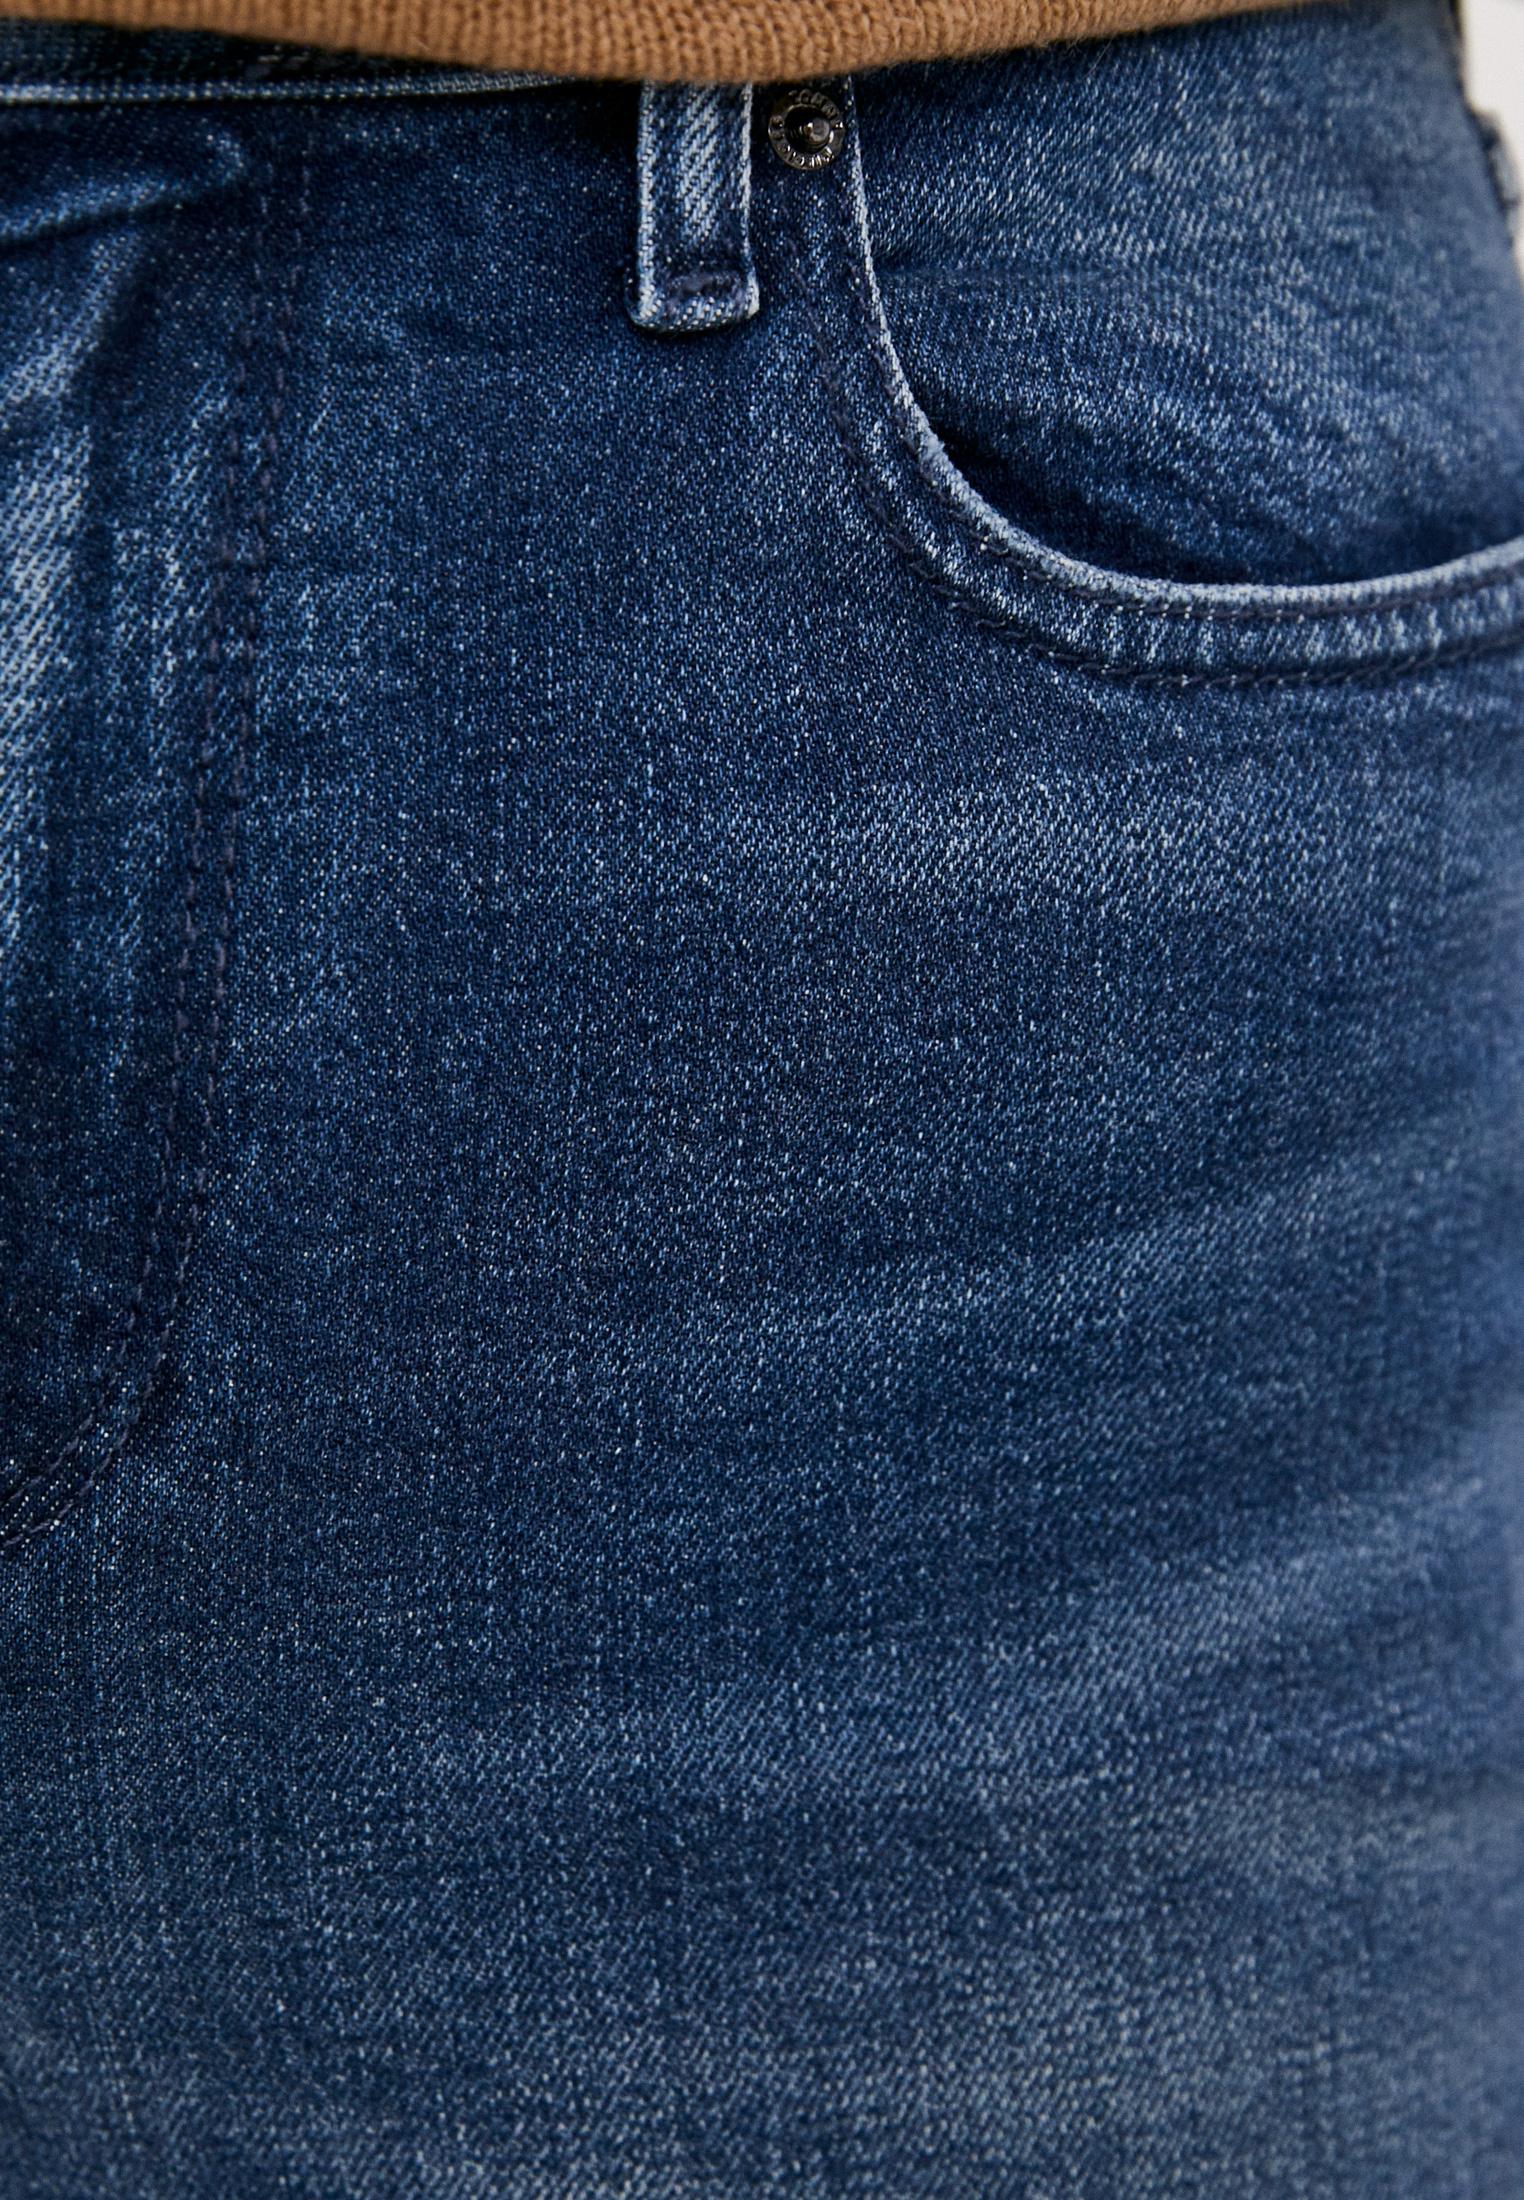 Зауженные джинсы Tommy Hilfiger (Томми Хилфигер) WW0WW29328: изображение 4